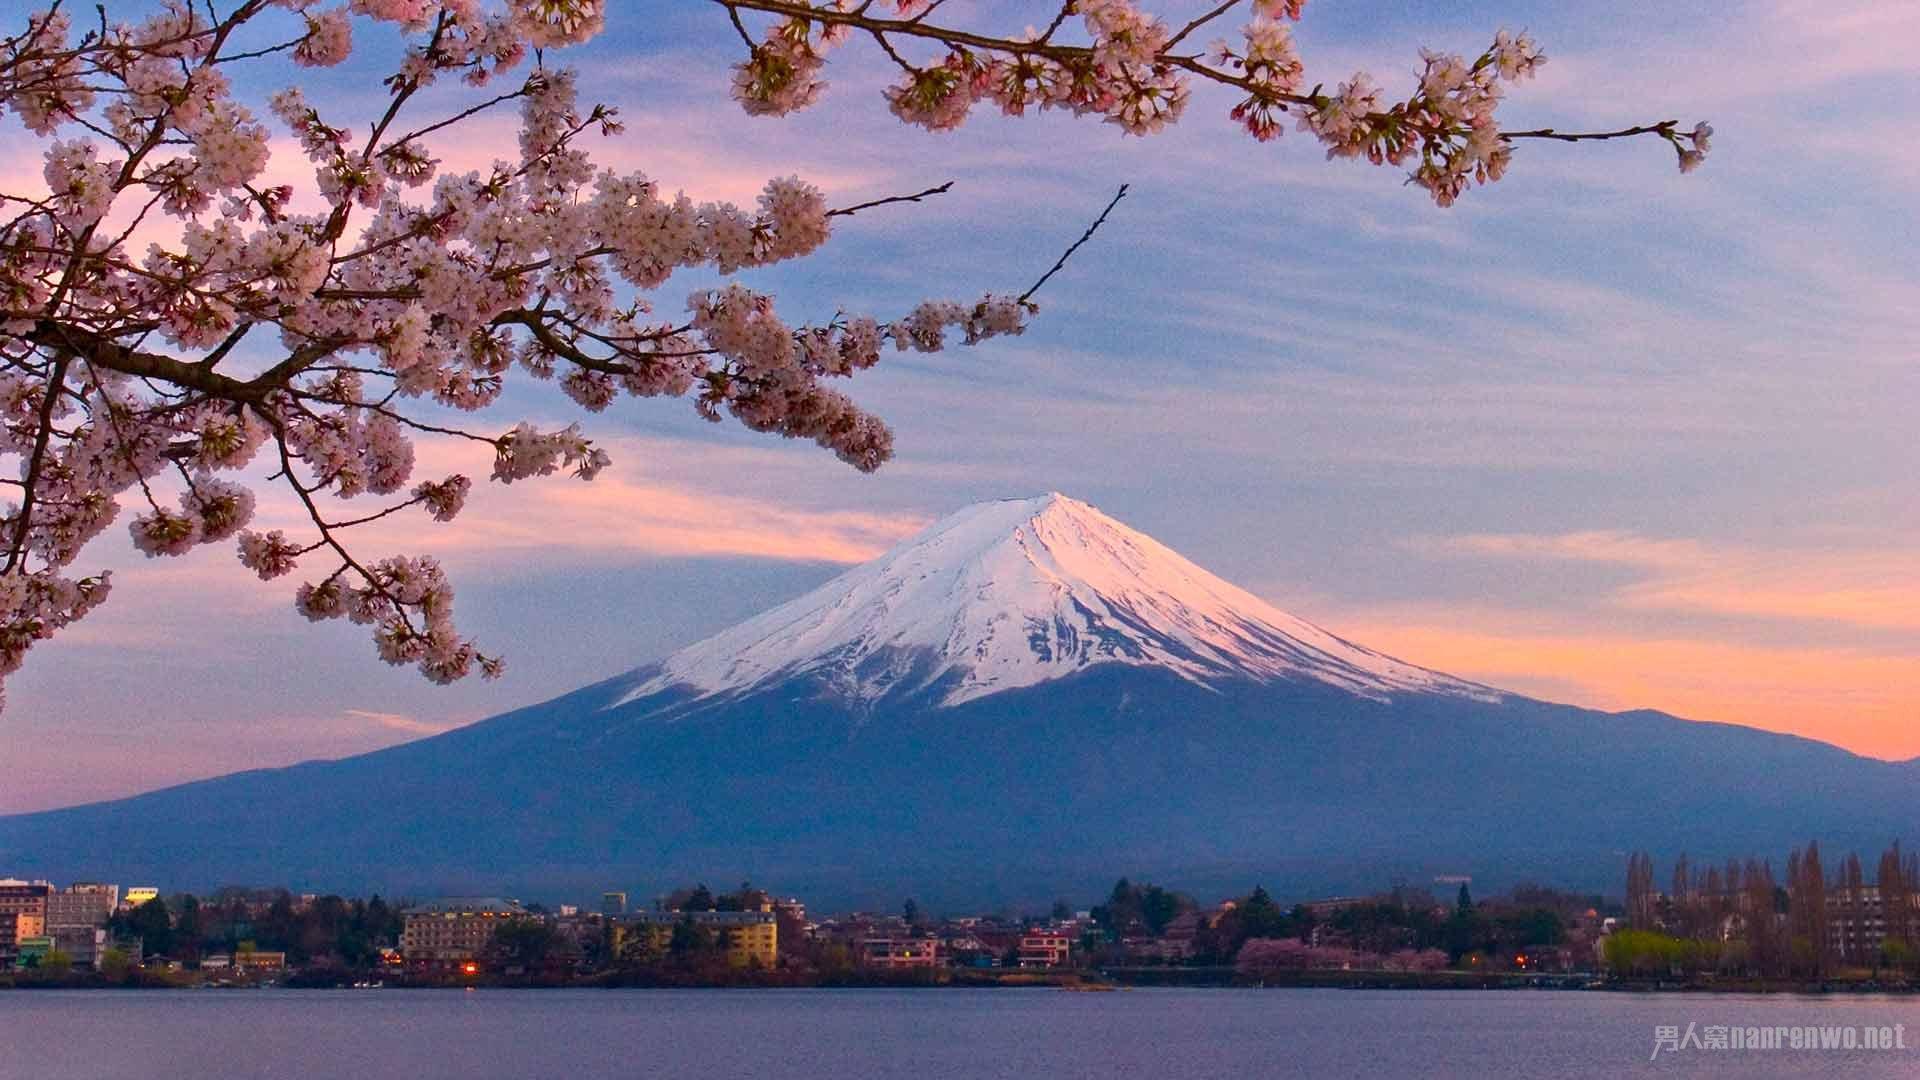 日本风景_国庆节一个人去日本自由行旅游需要多少钱,日本旅游